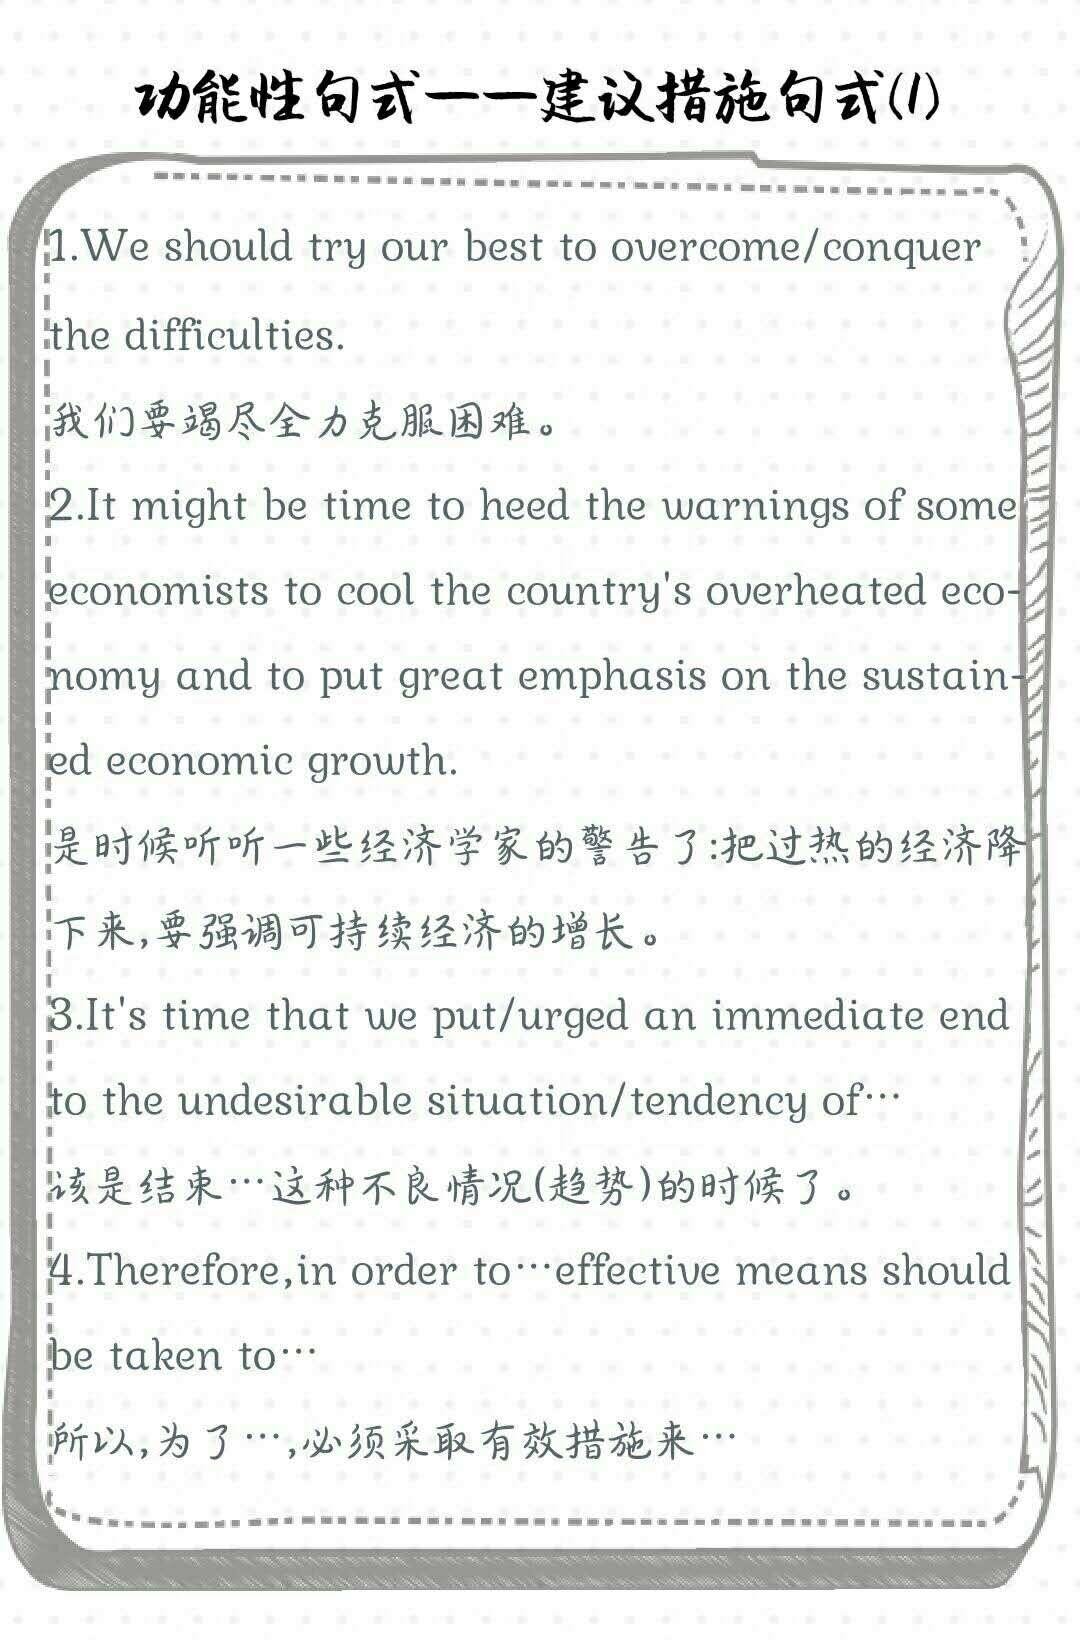 四級備考:功能性句式——建議措施(1)